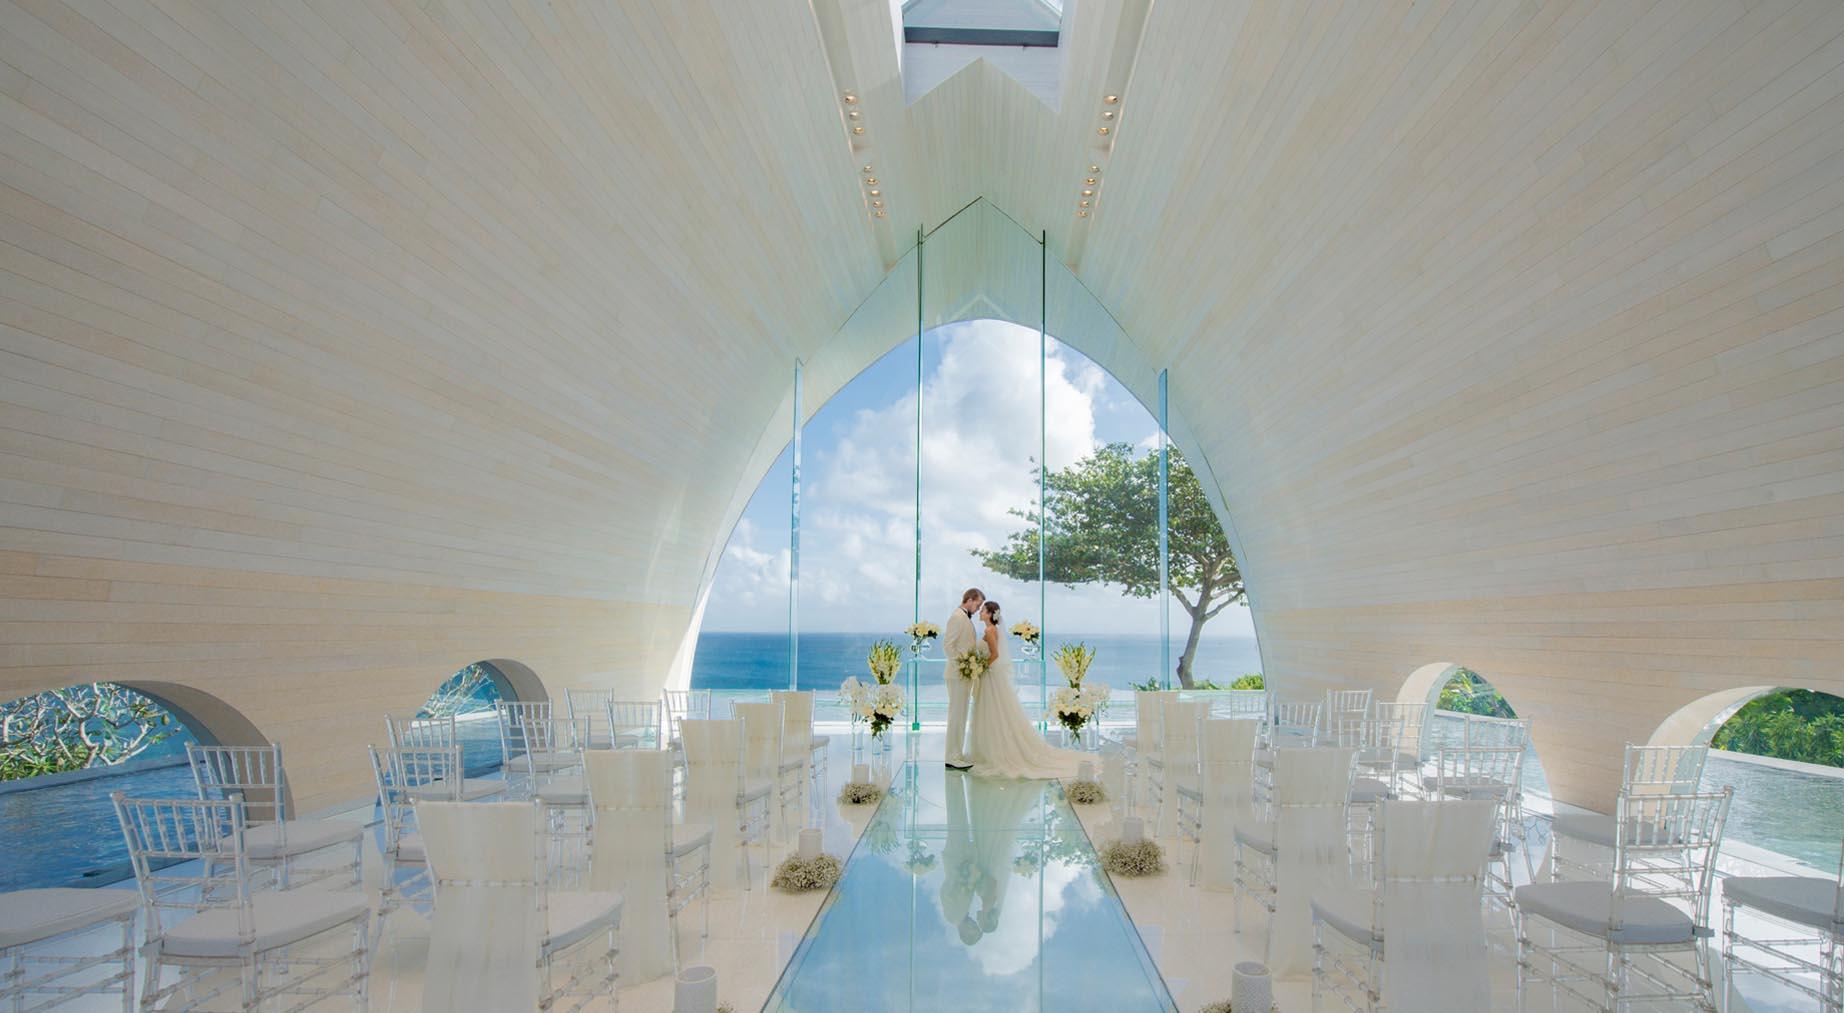 Ayana Tresna Chapel Bali, Hadirkan Suasana Pernikahan Mewah dan Romantis di Bangunan ala Kapel